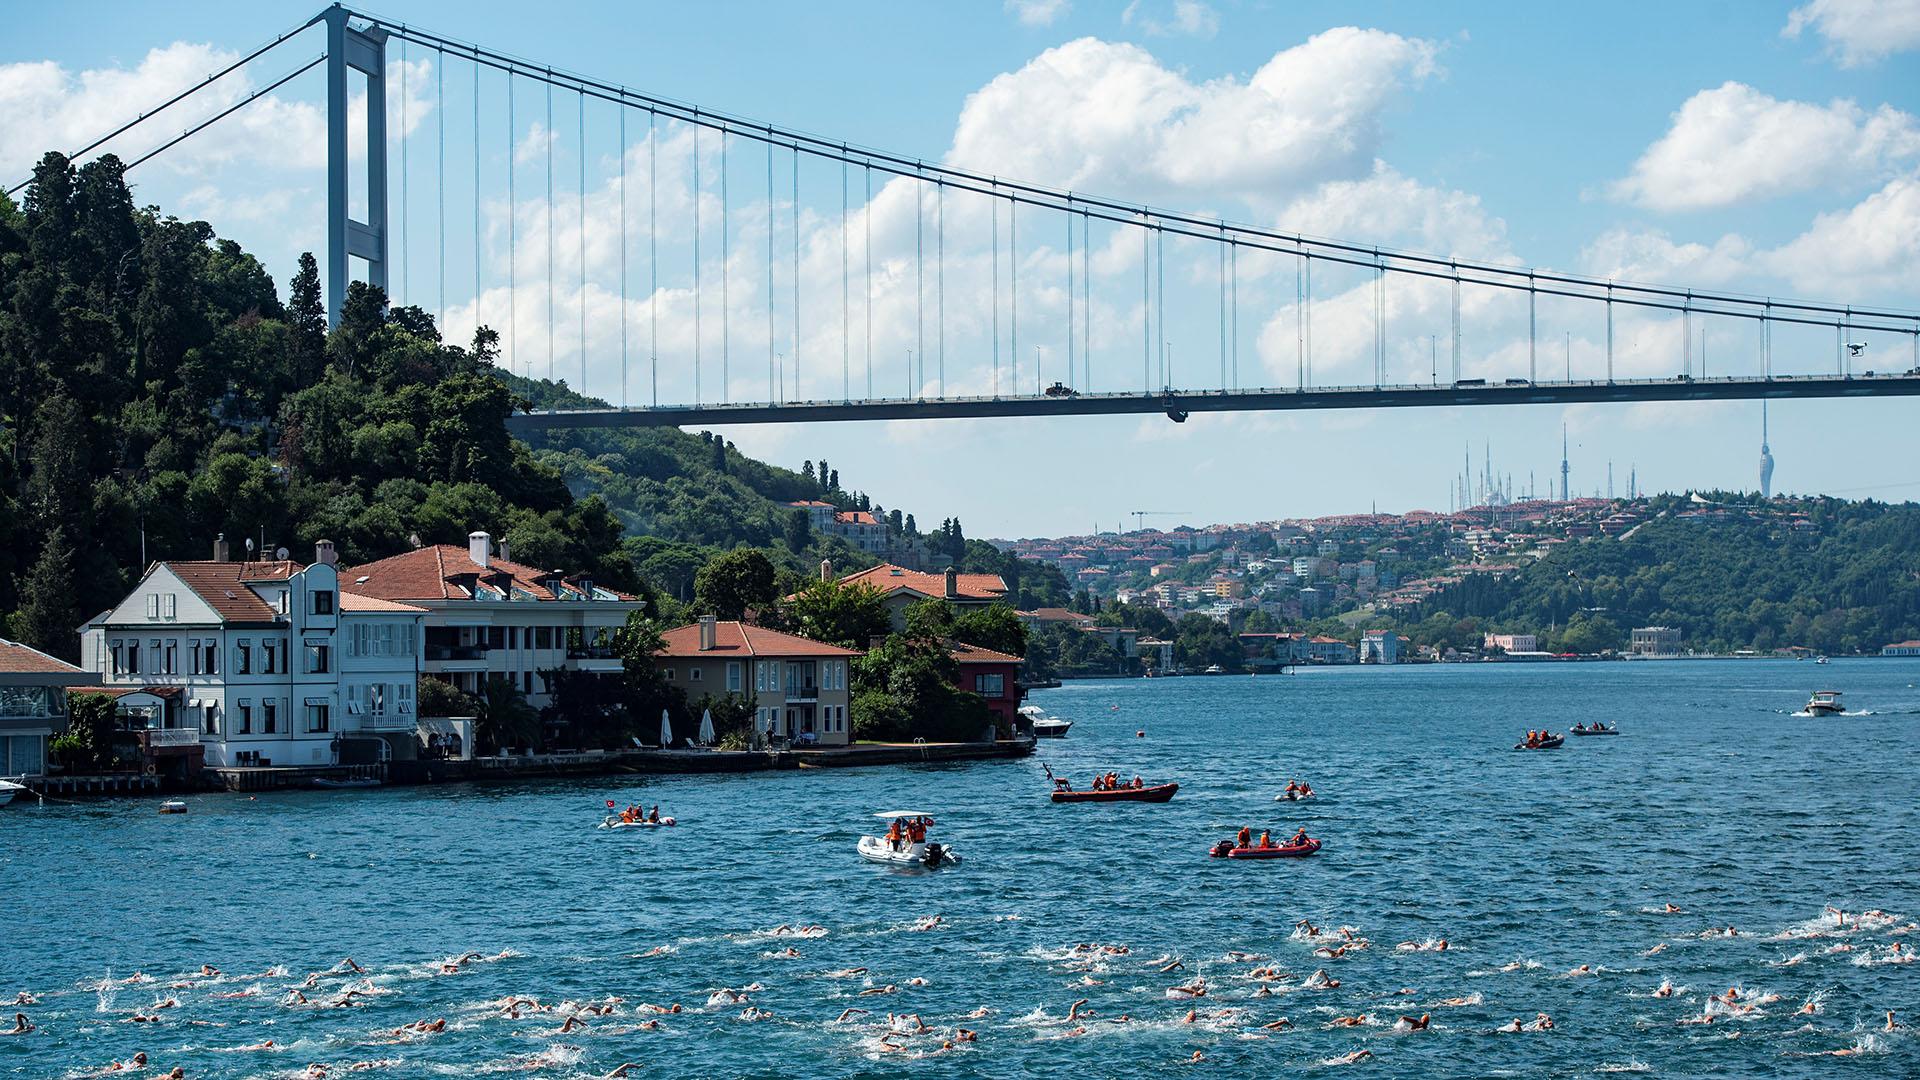 Los competidores se lanzaron al agua en la orilla asiática para nadar en total 6,5 kilómetros, primero en dirección al Mar de Mármara, antes de dirigirse a la orilla en el lado europeo